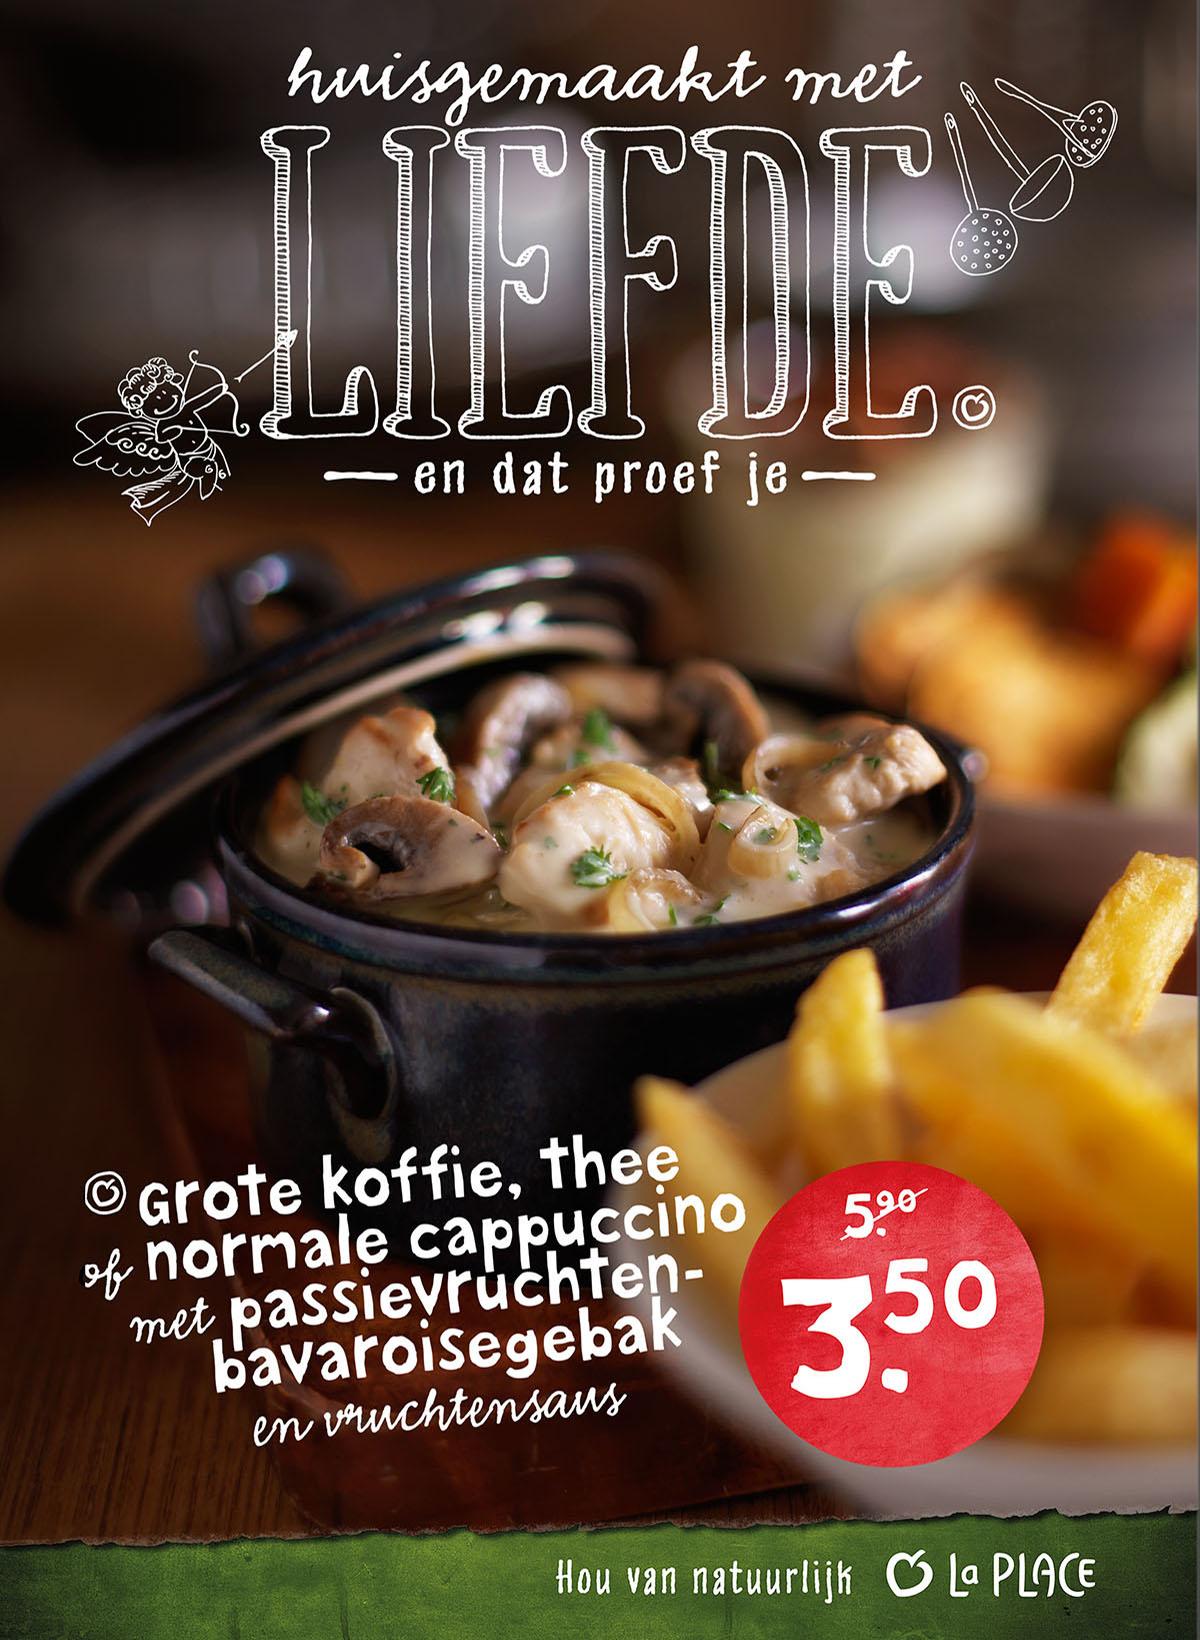 Food styling fotografie van een stoofpot met frietjes gemaakt door Studio_m Fotografie Amsterdam